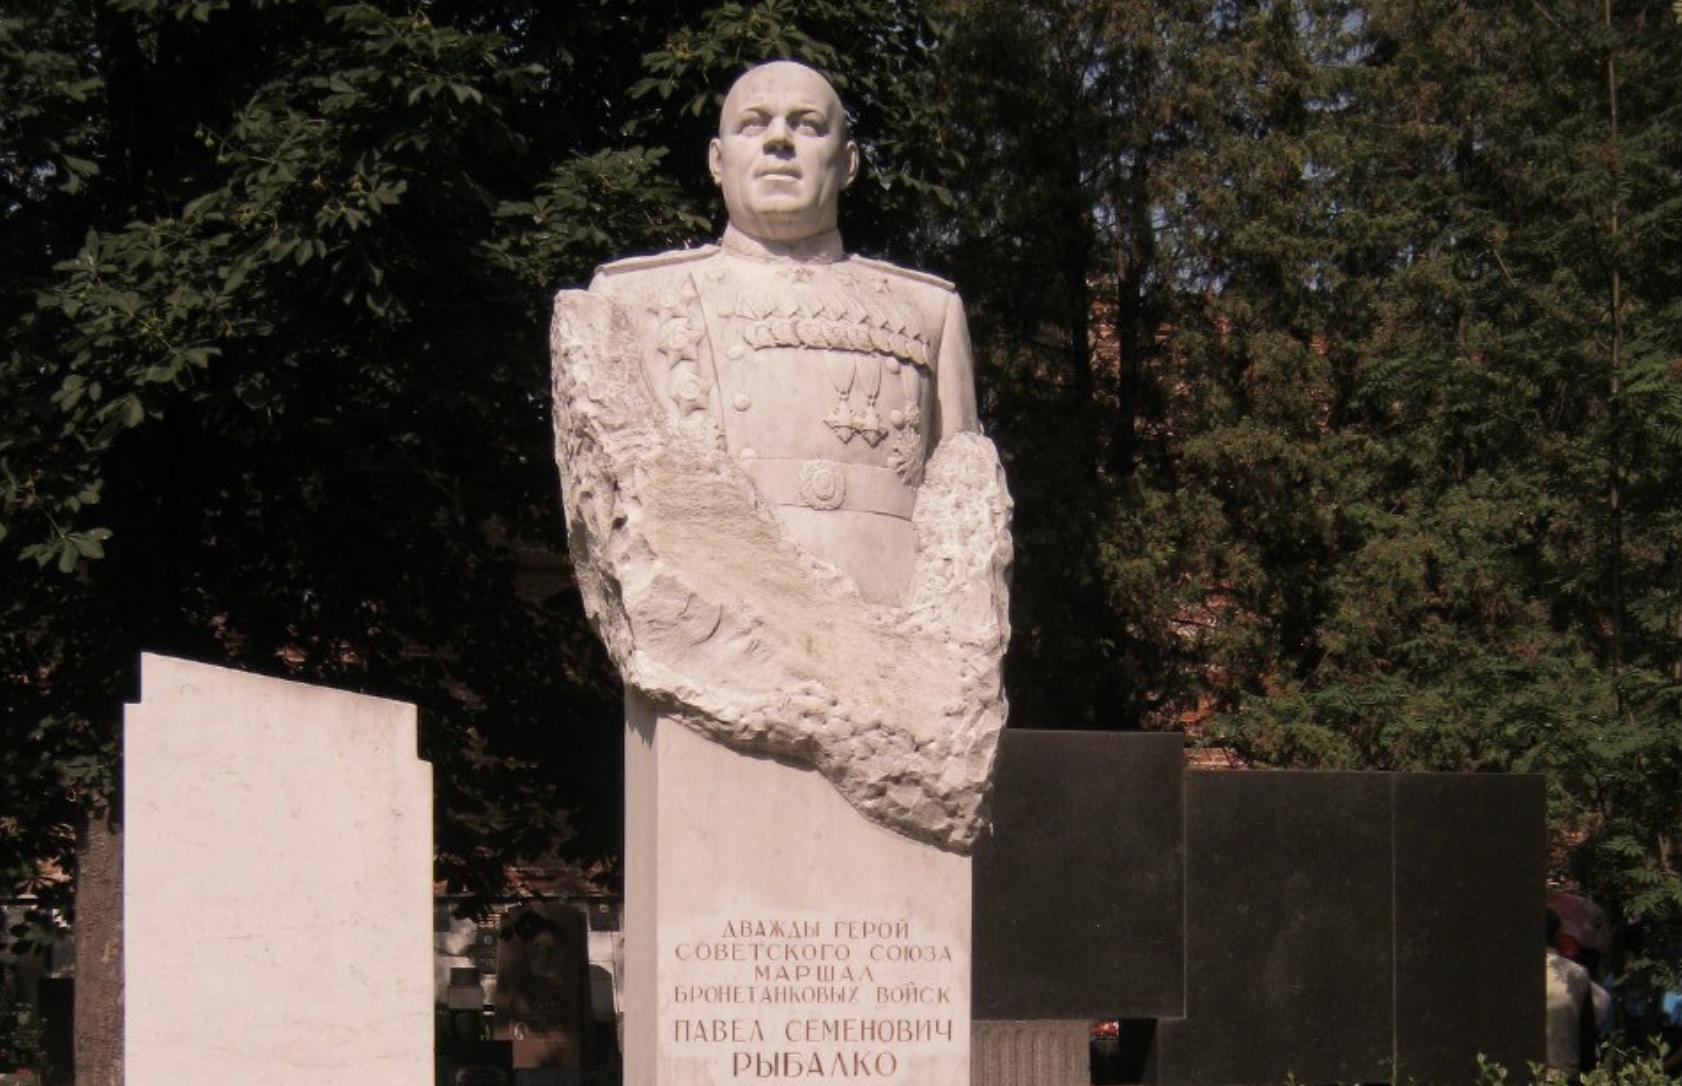 дмитрий федорович лавриненко